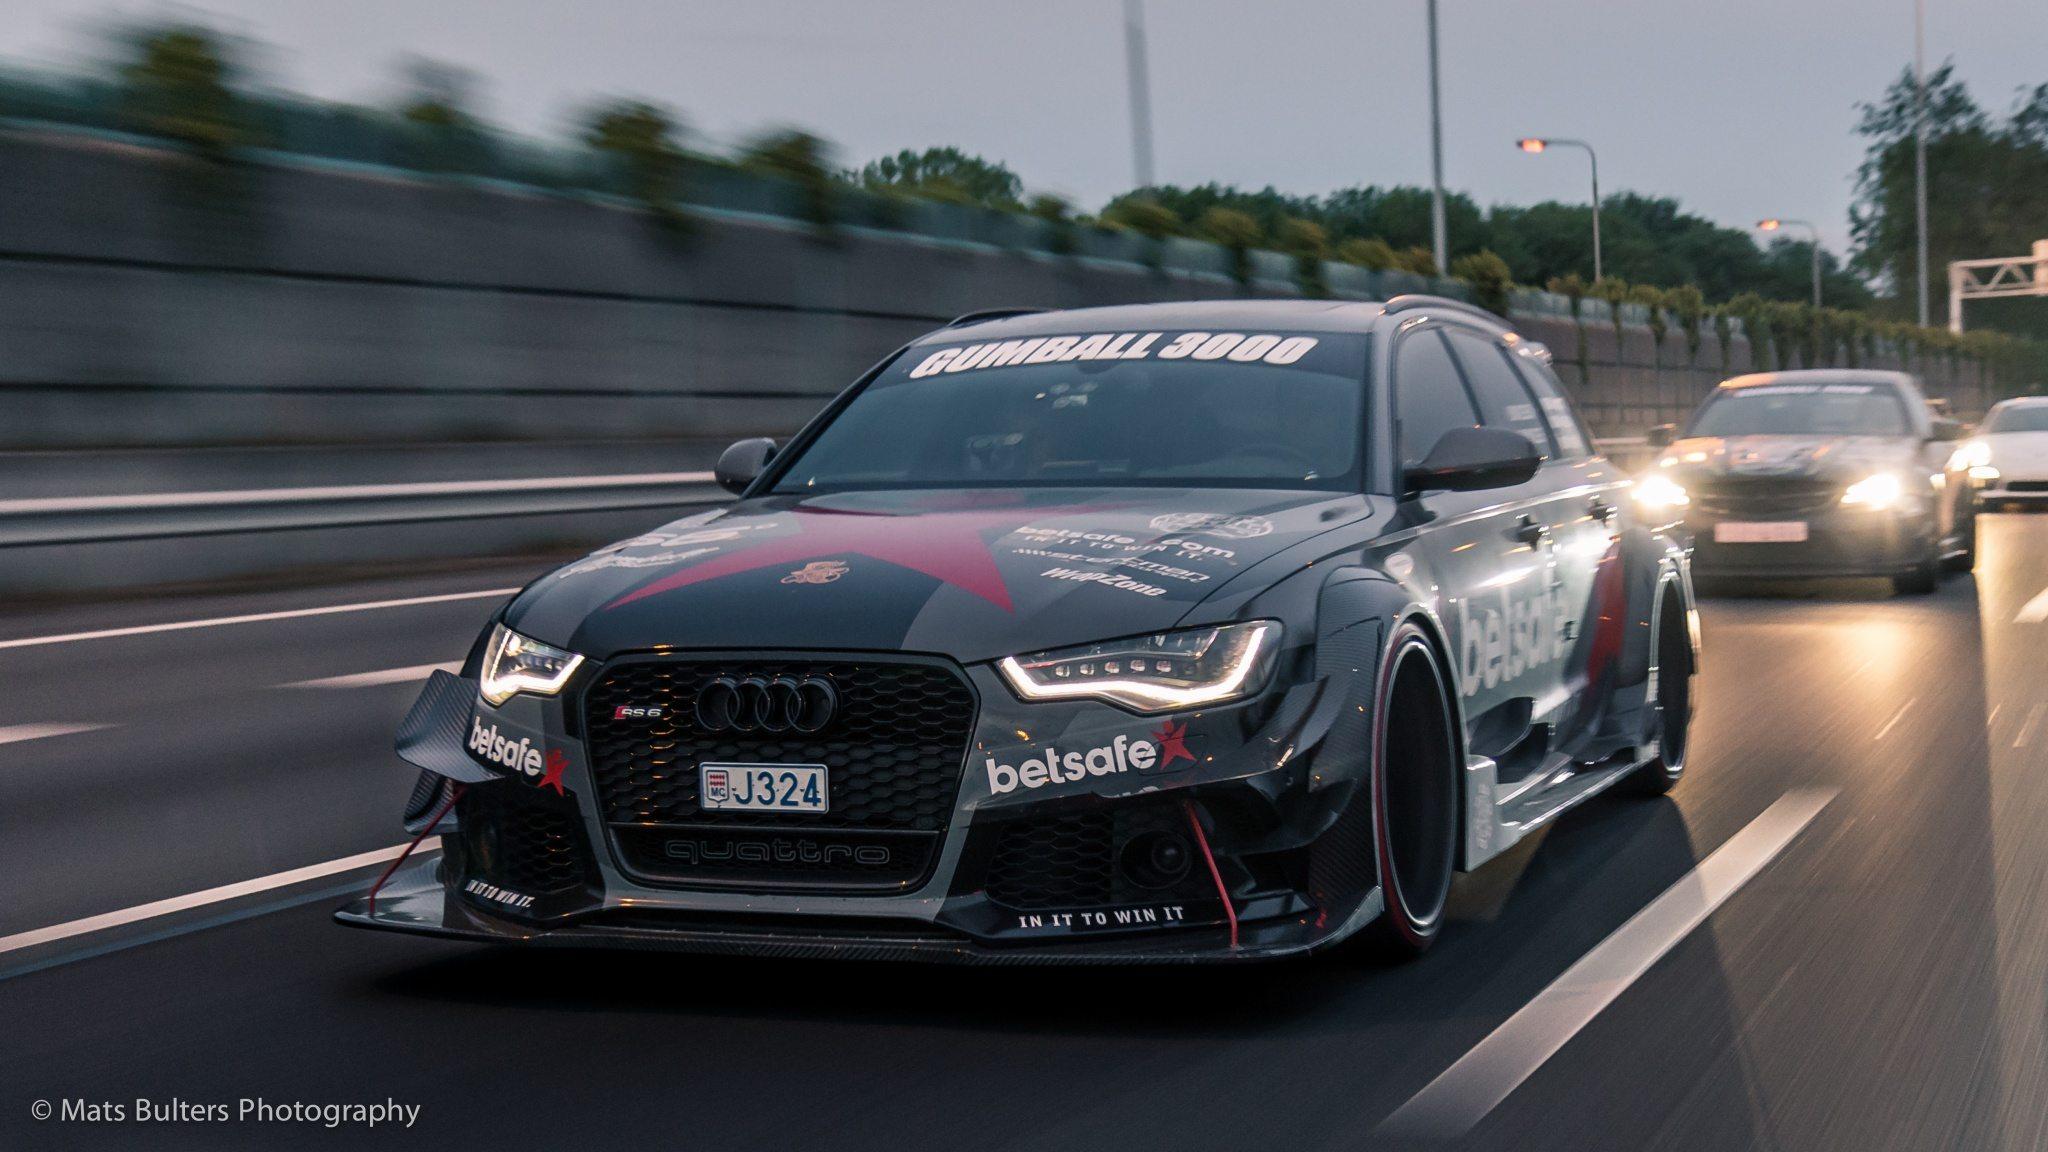 Geloof het of niet; hij wilt nu een auto met nóg meer vermogen, die ...: www.hartvoorautos.nl/jon-olsson-audi-rs6-dtm-for-sale